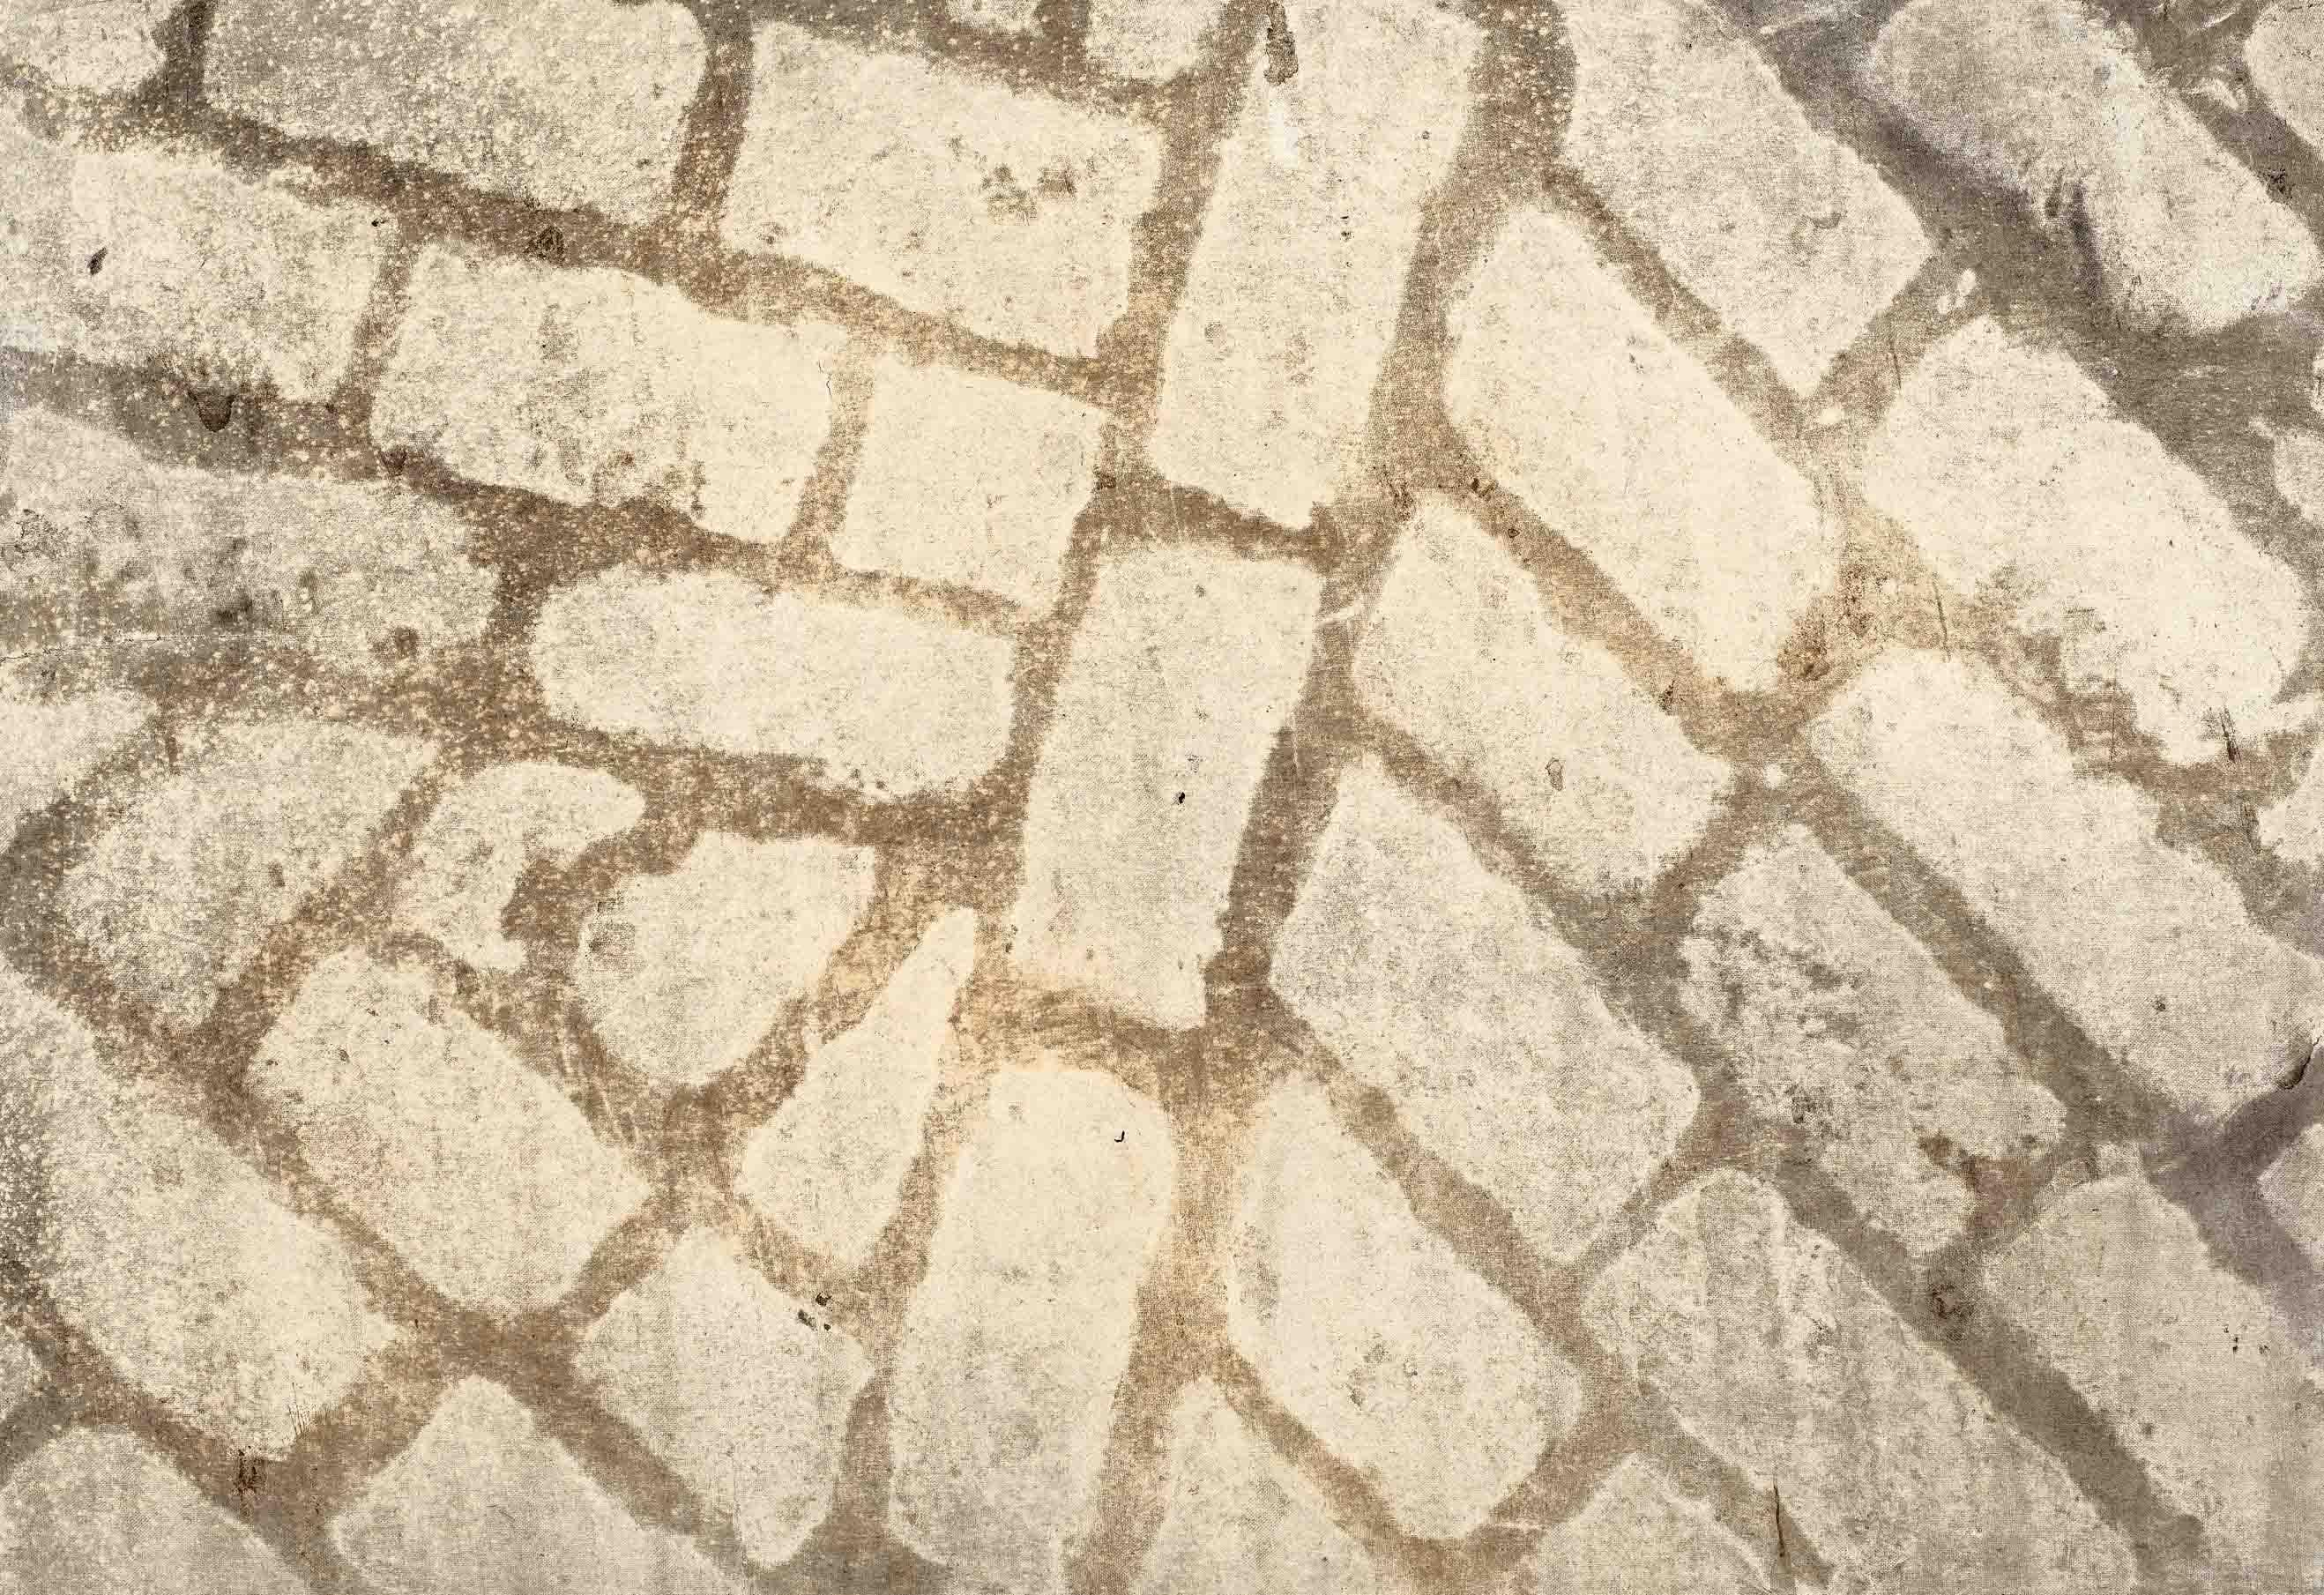 Bricks on Greenwich at Gansevoort in the Village 1